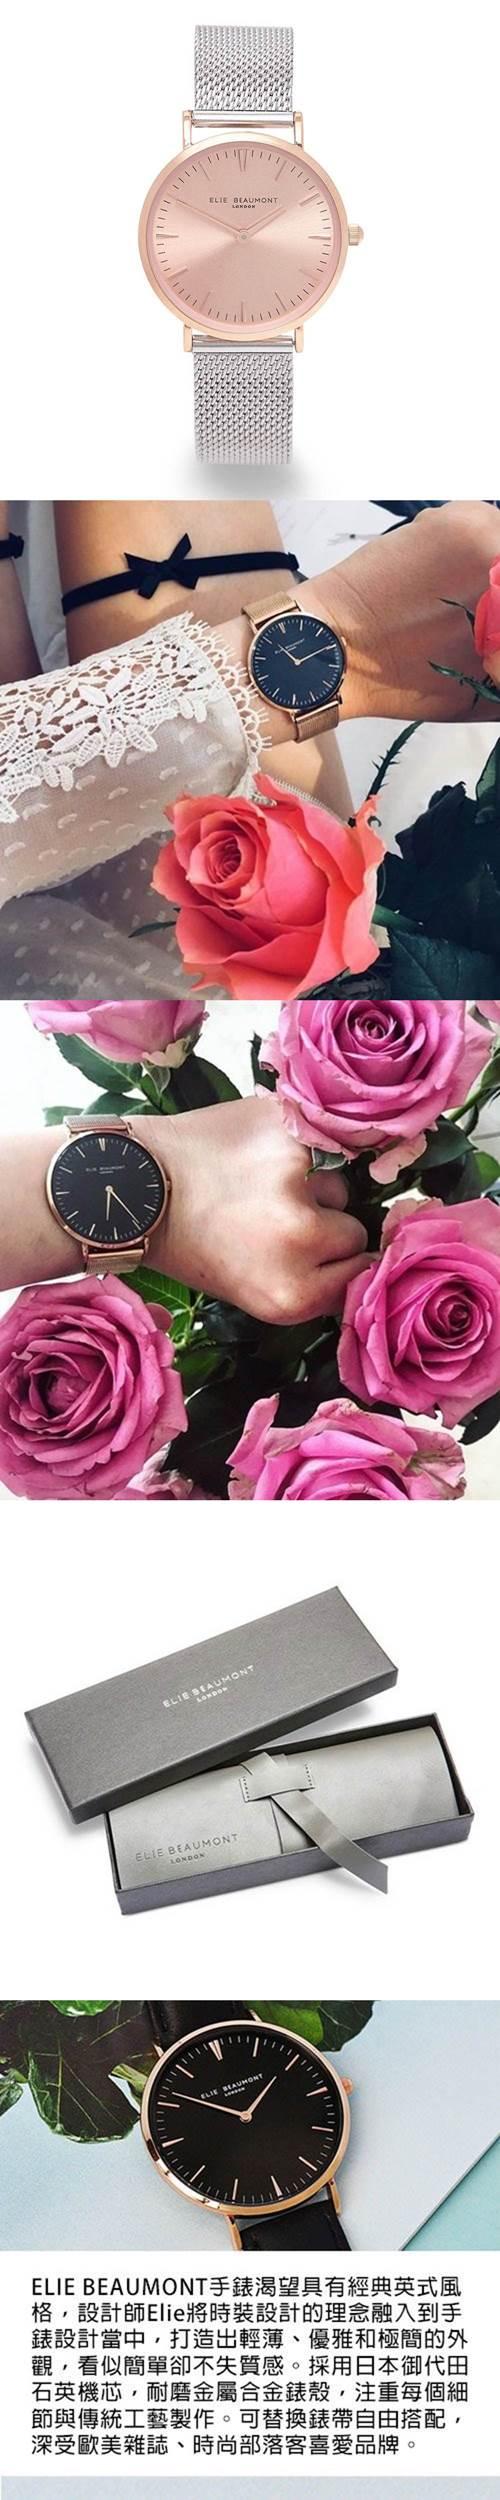 (複製)Elie Beaumont 英國時尚手錶 牛津米蘭錶帶系列 黑錶盤x銀色錶帶錶框33mm